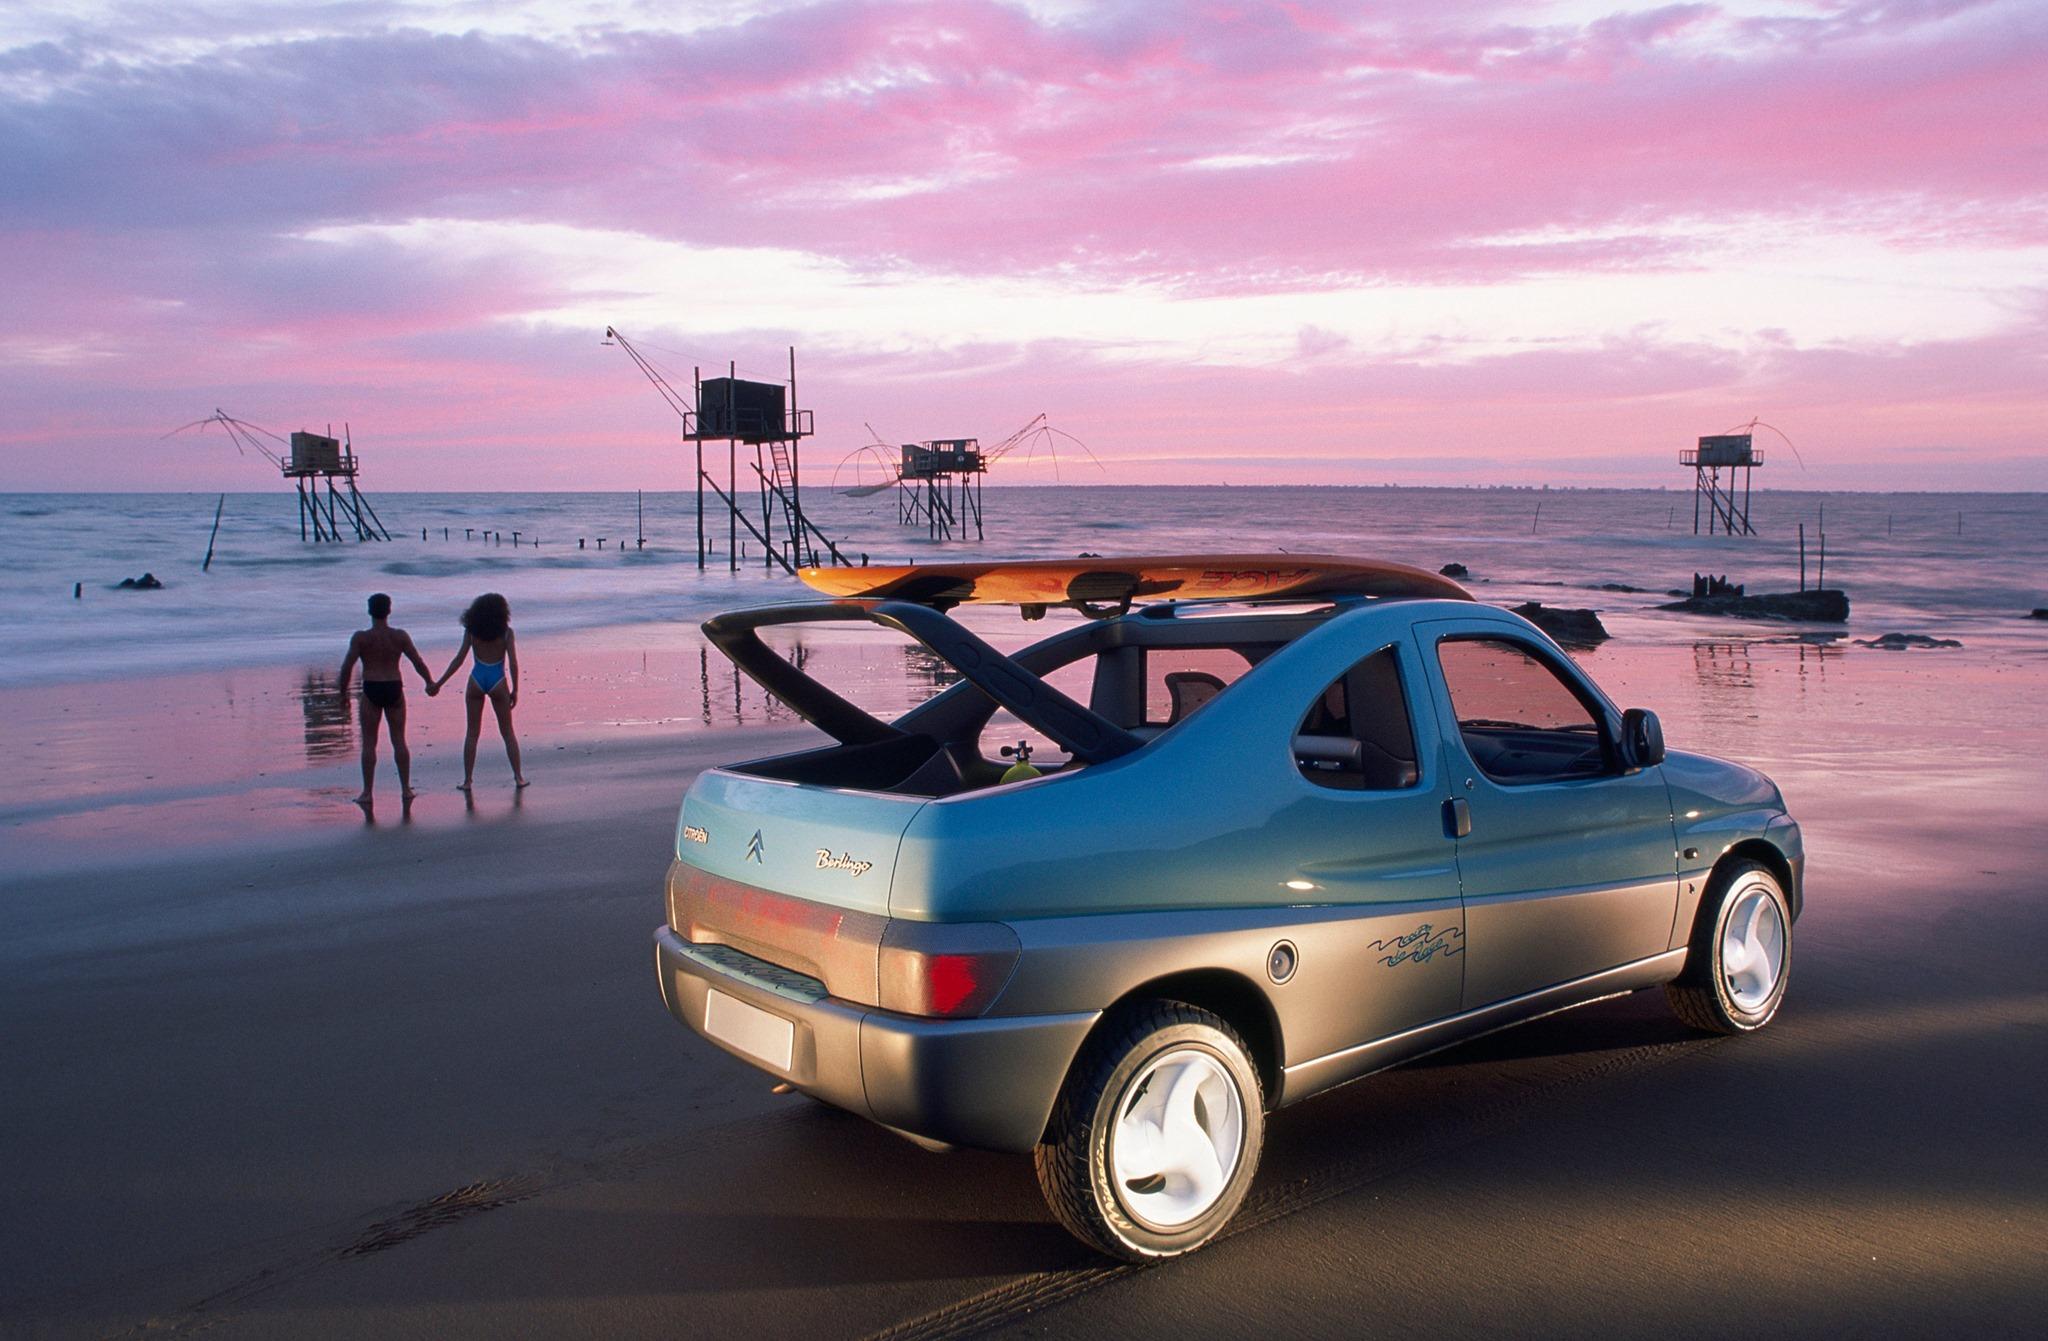 Citroen-Berlingo-Coupe-de-plage-Concept--1996-3